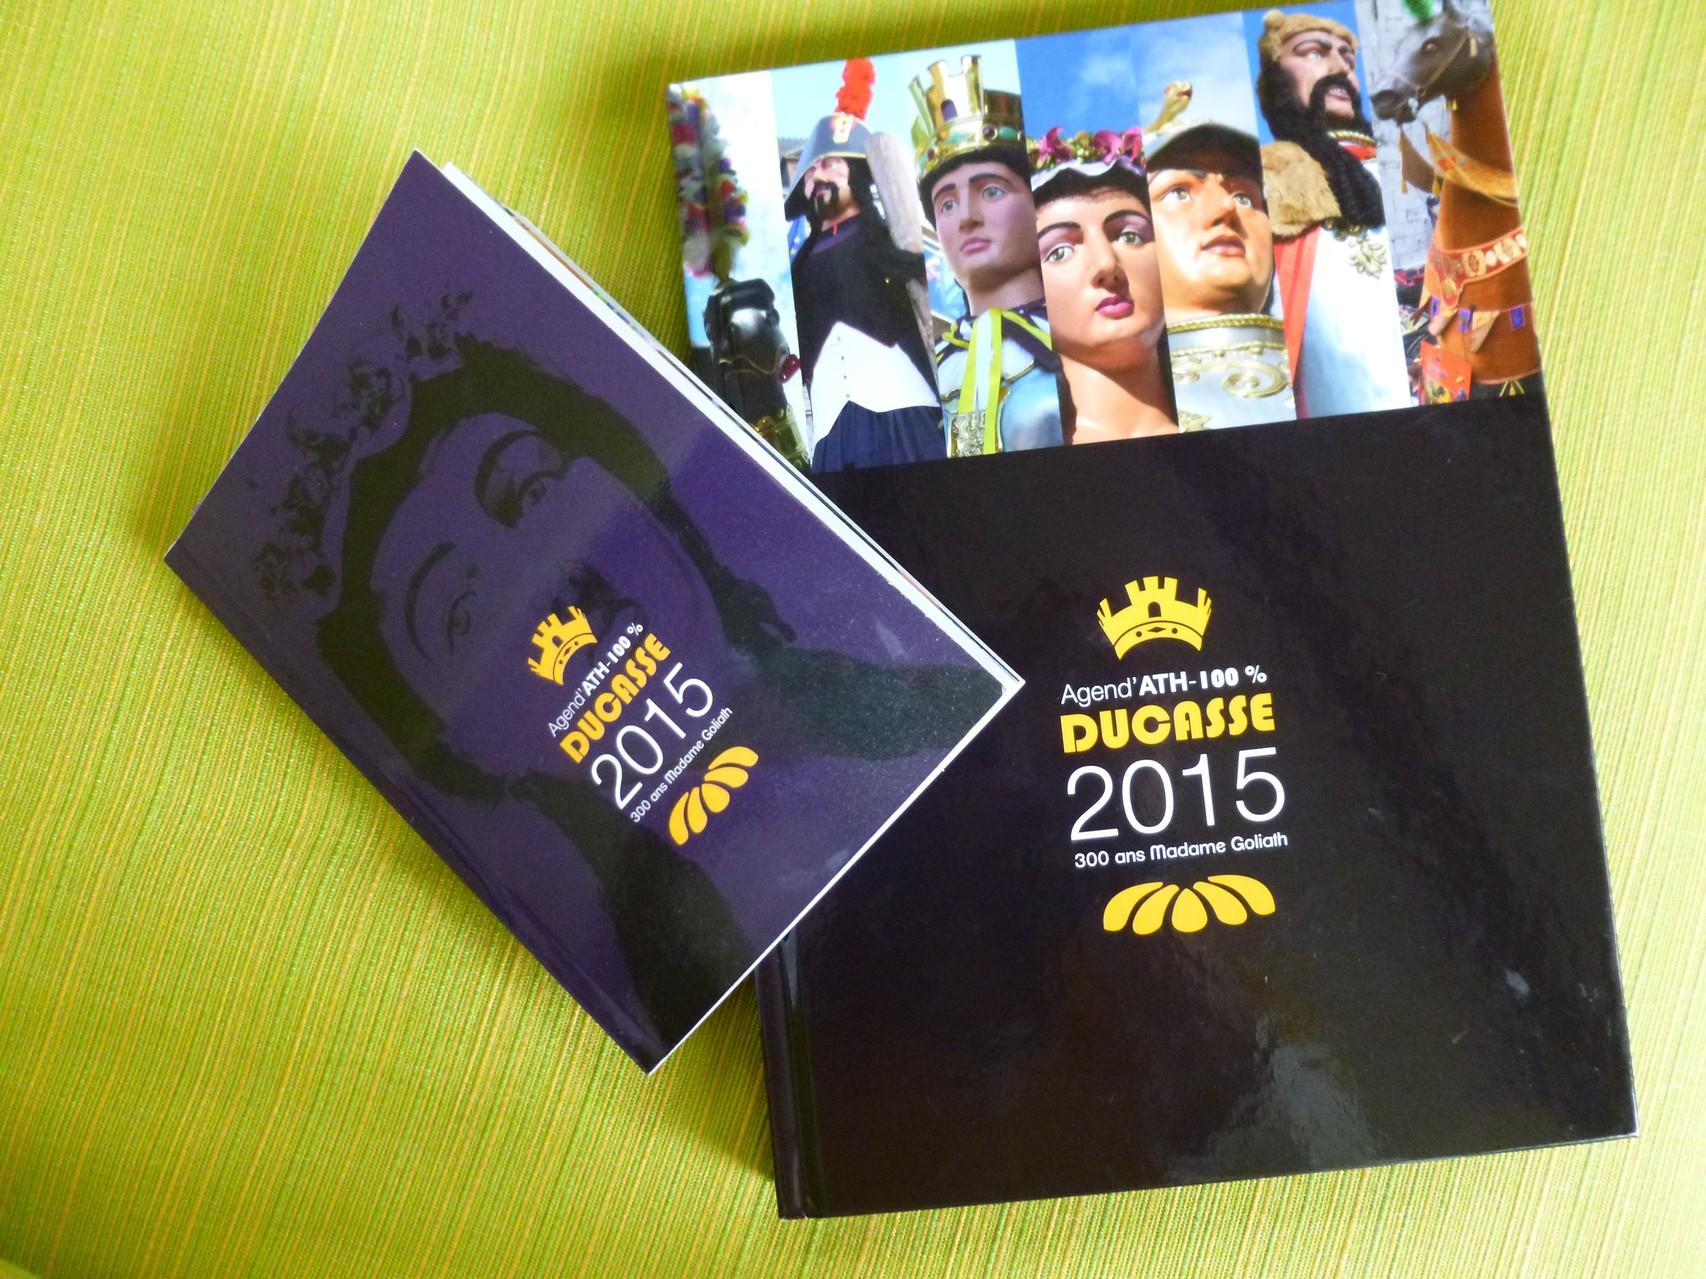 Quelques extraits de l'agenda 2015